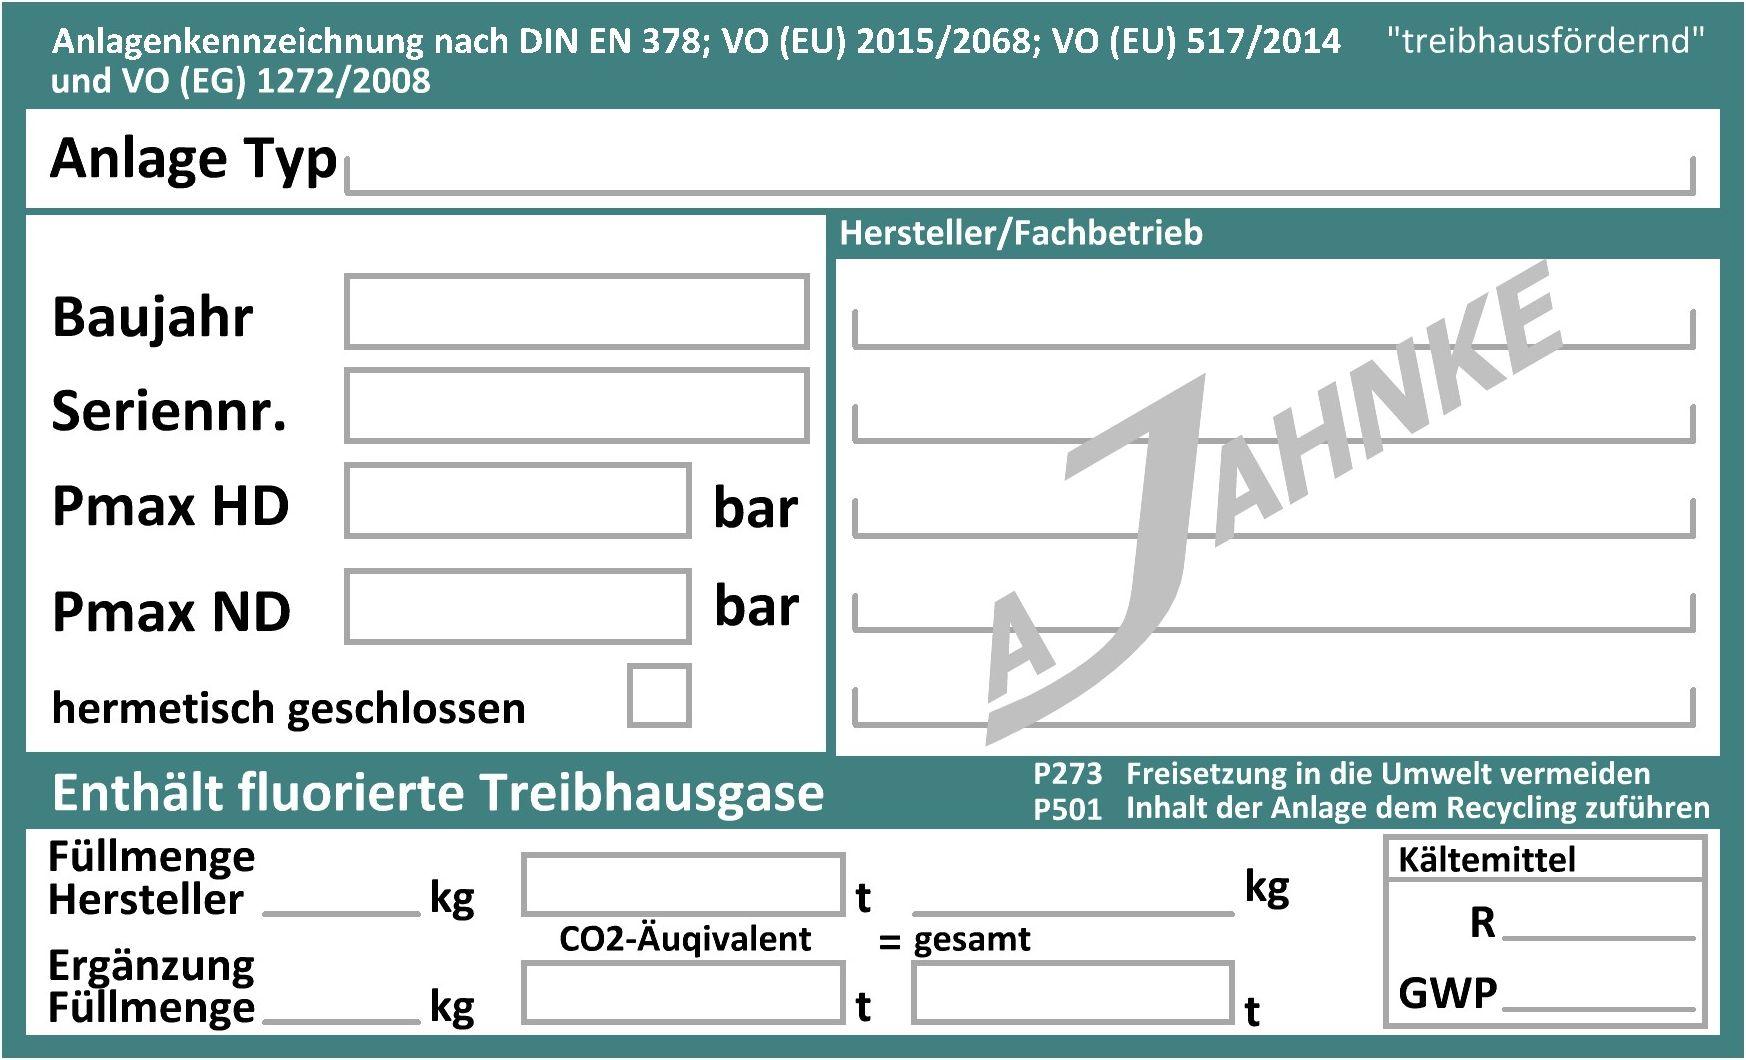 kennzeichnung von klteanlagen nach vo eu 20152068 und en 378 - Ubereinstimmungserklarung Muster